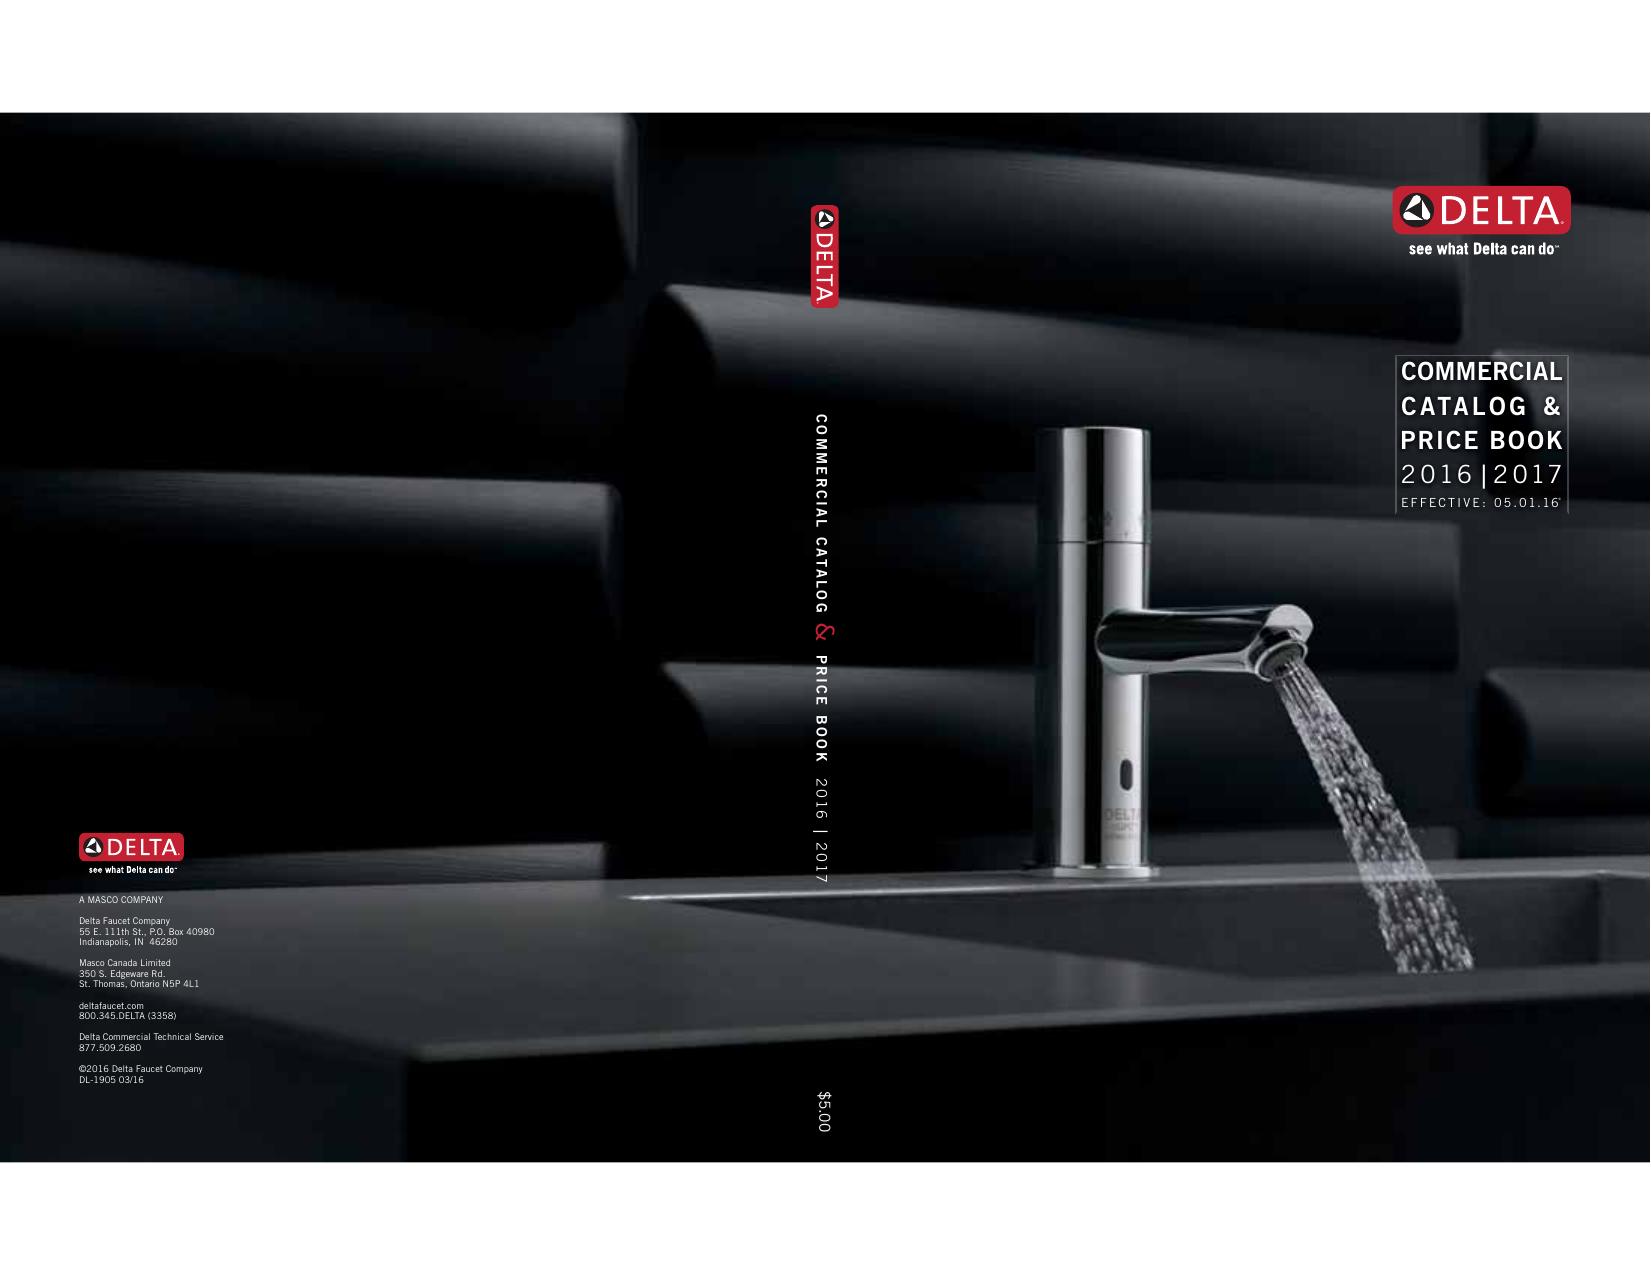 commercial catalog manualzz com rh manualzz com